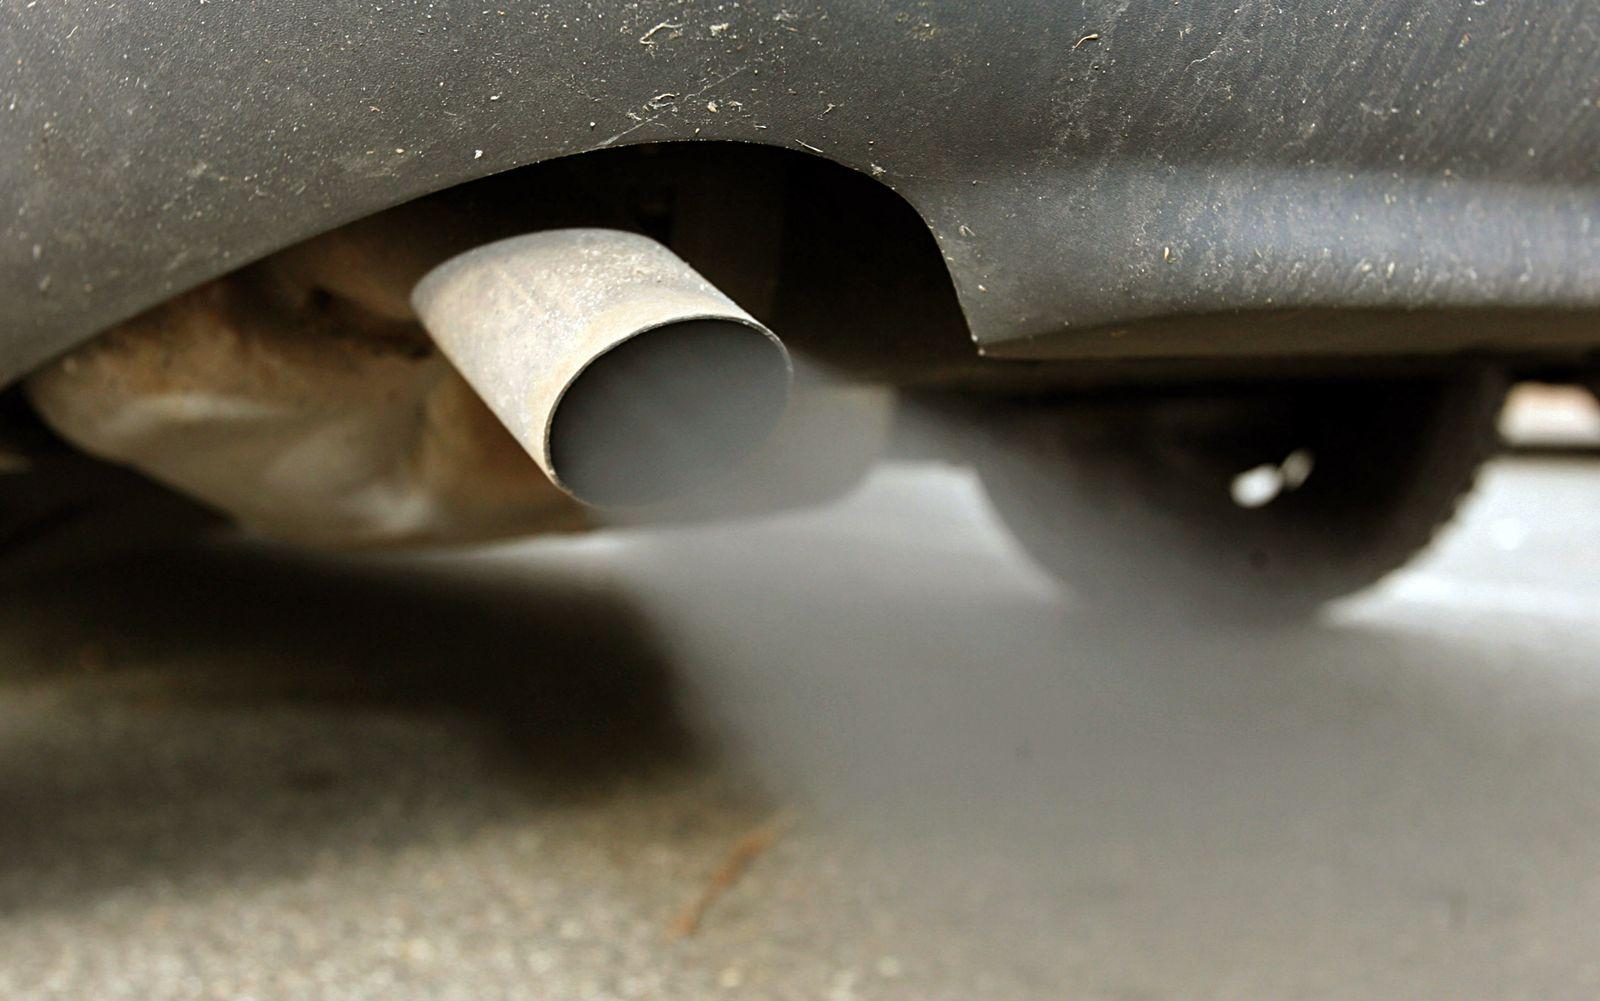 EU-Kommission: Autos sollen klimafreundlicher werden